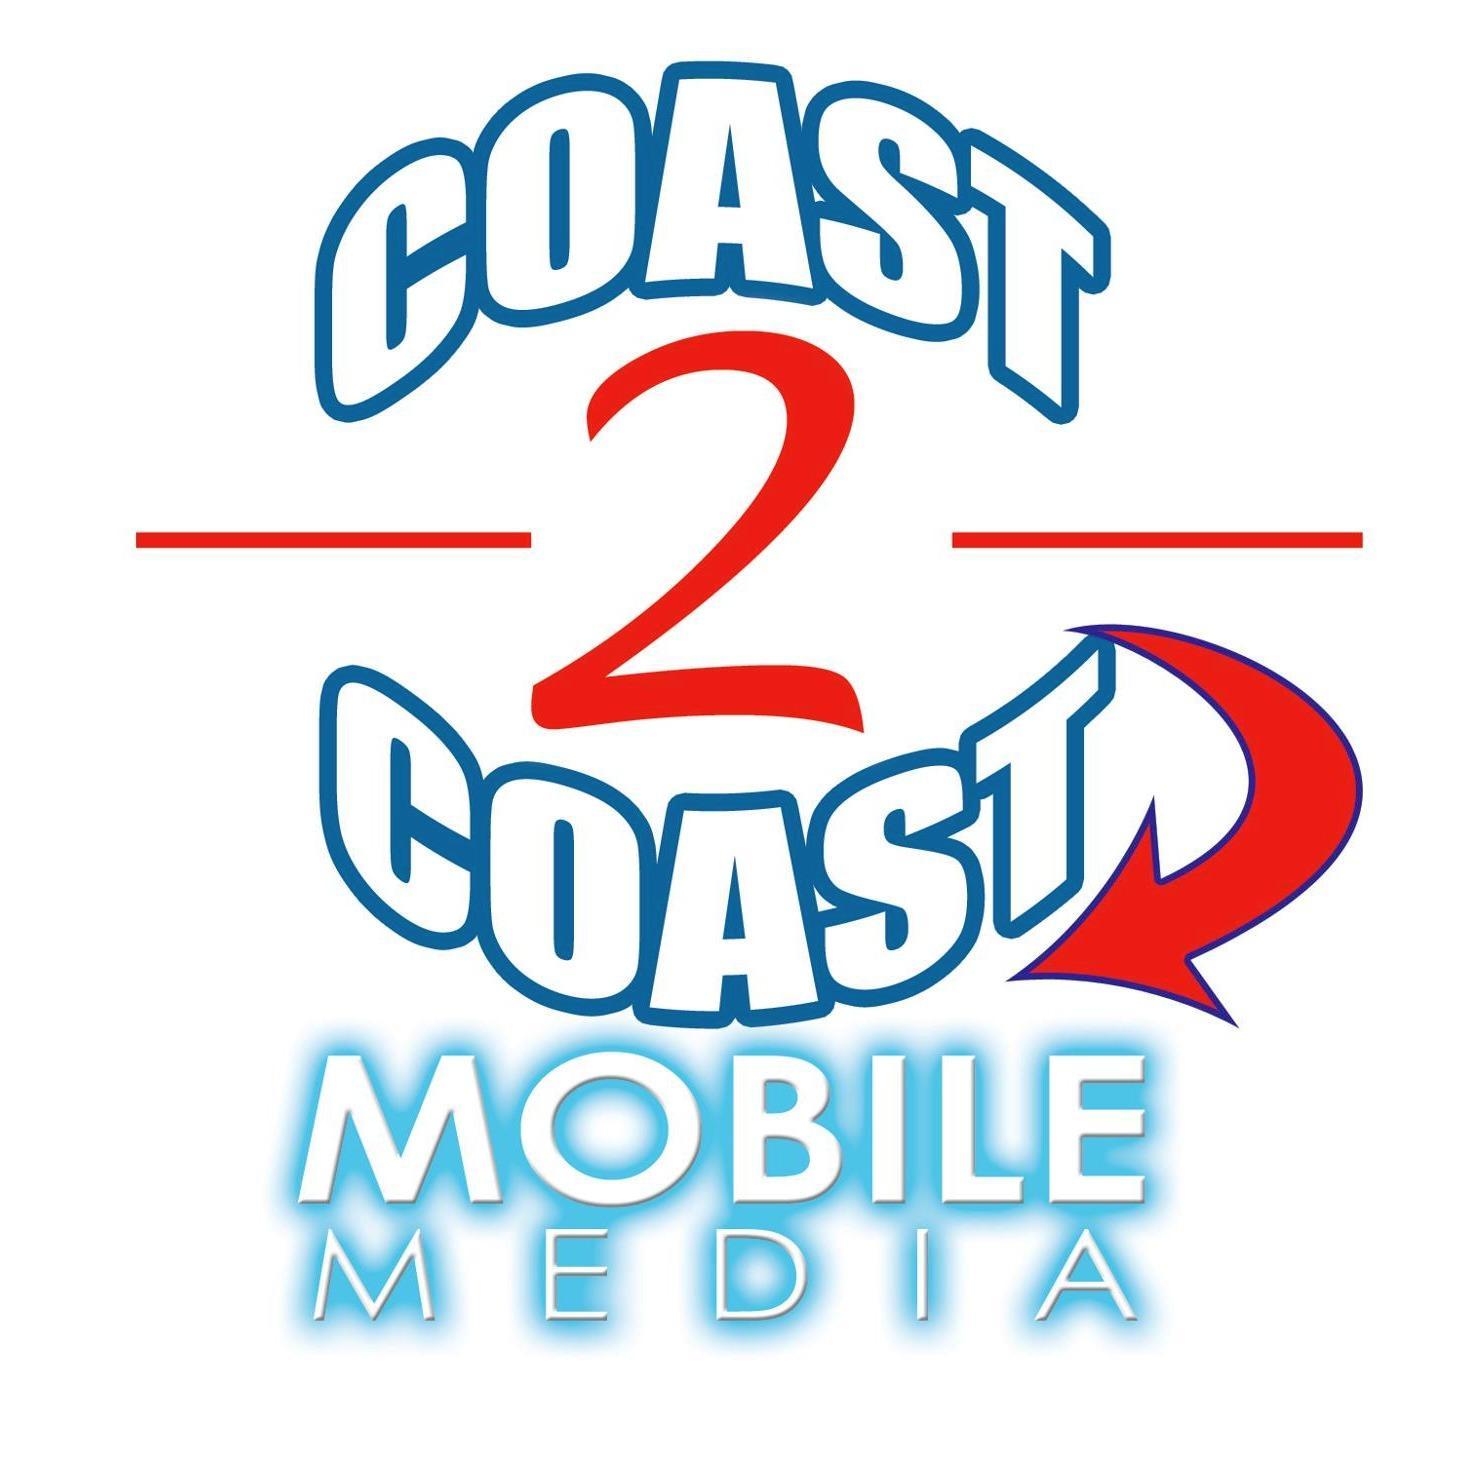 Coast 2 Coast Mobile Media image 3